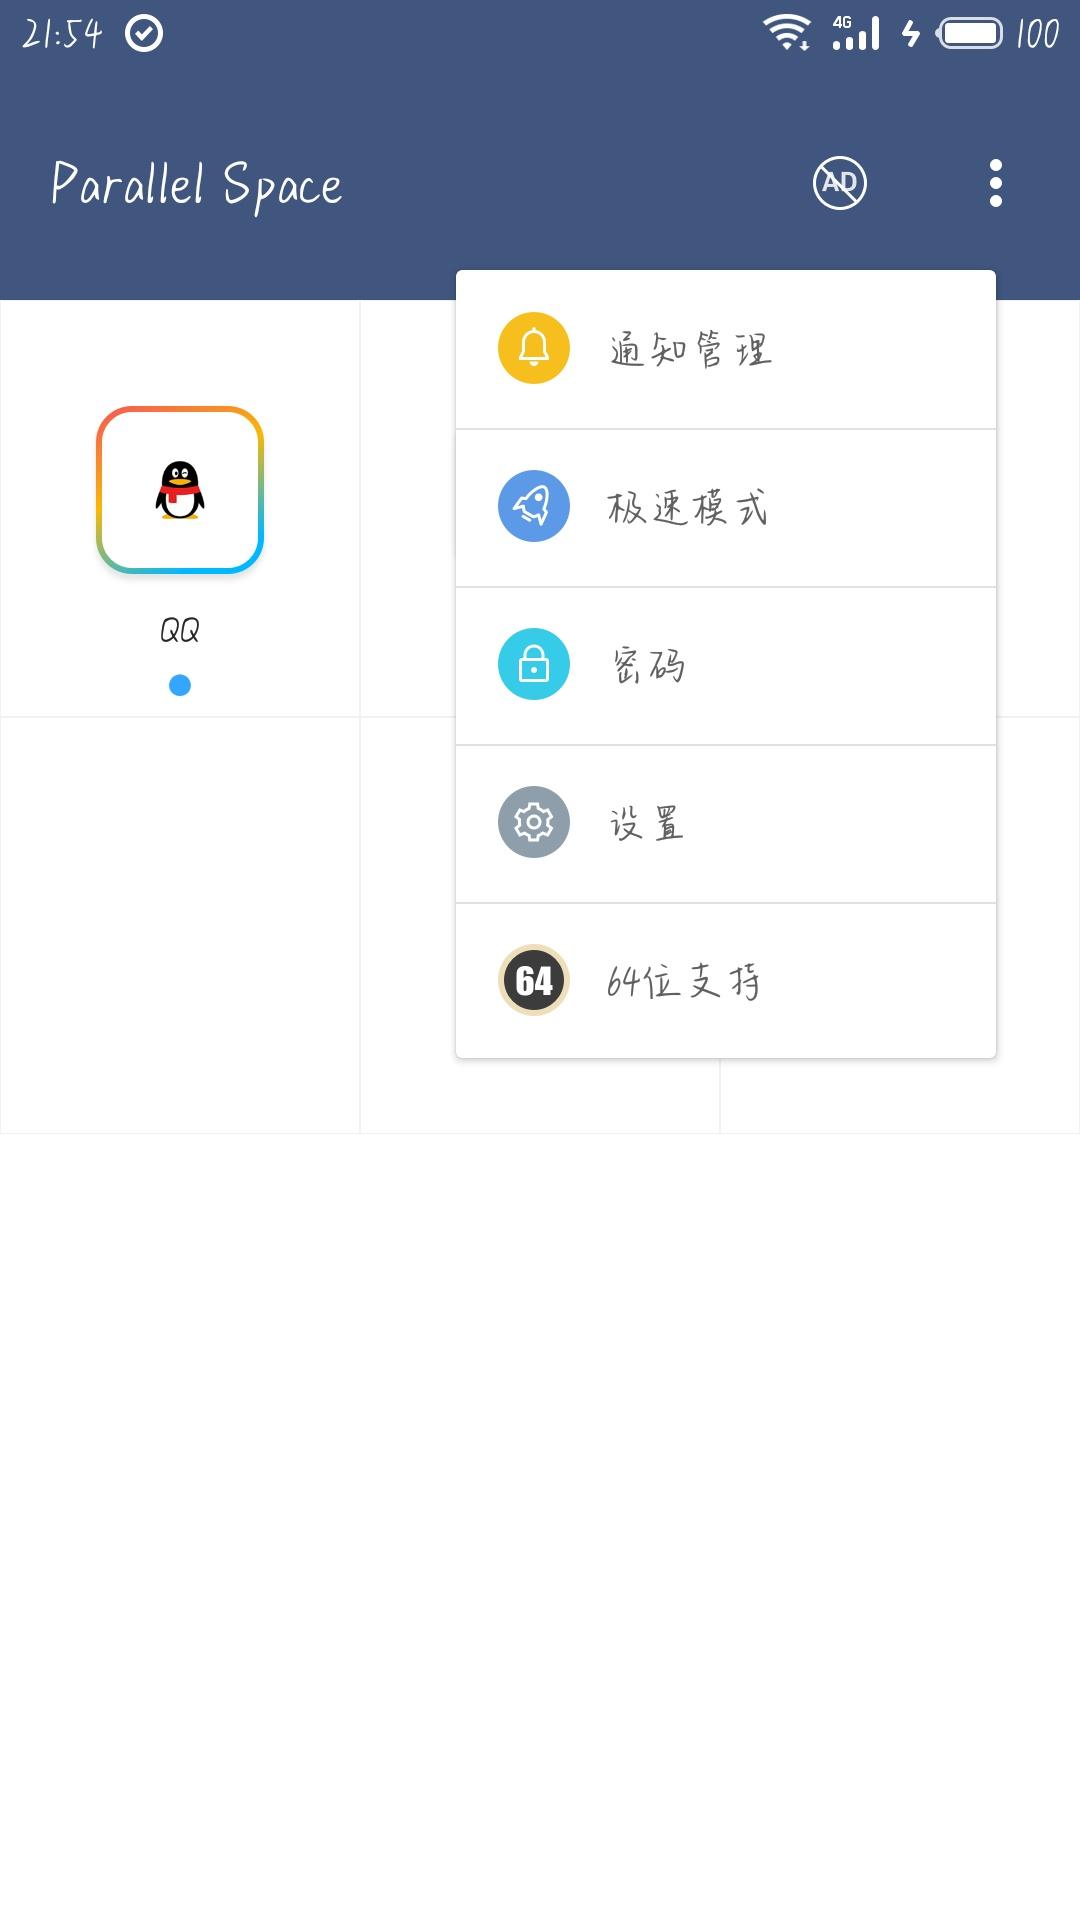 【分享】平行空间精简版(应用双开大师)-爱小助